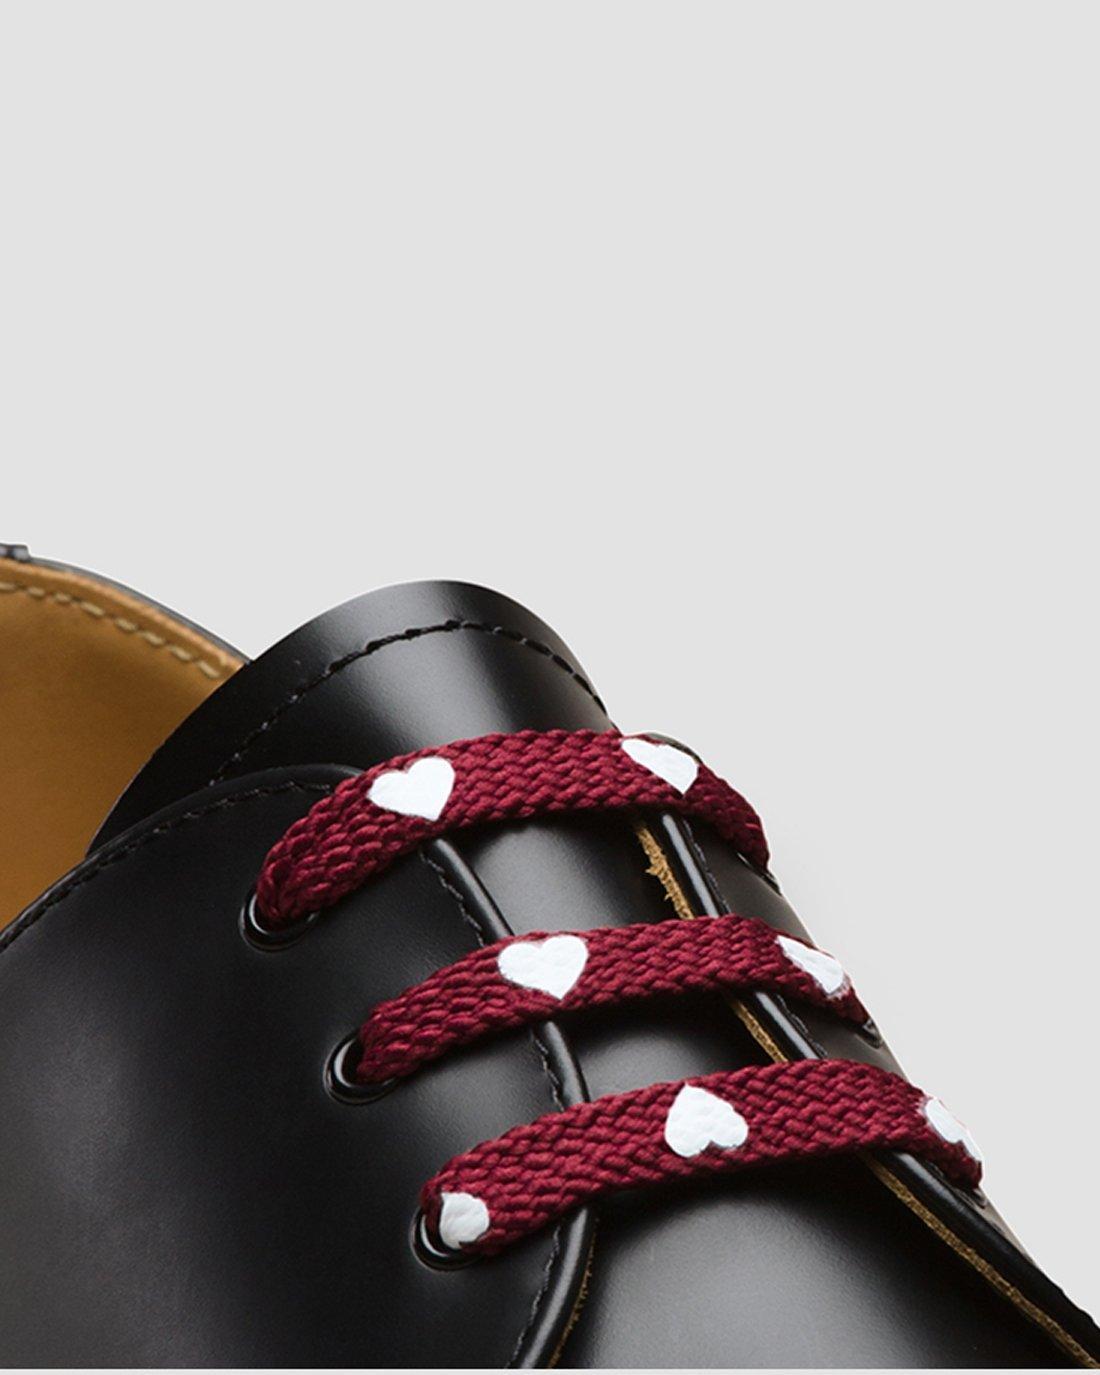 dr martens 3 eye shoe laces